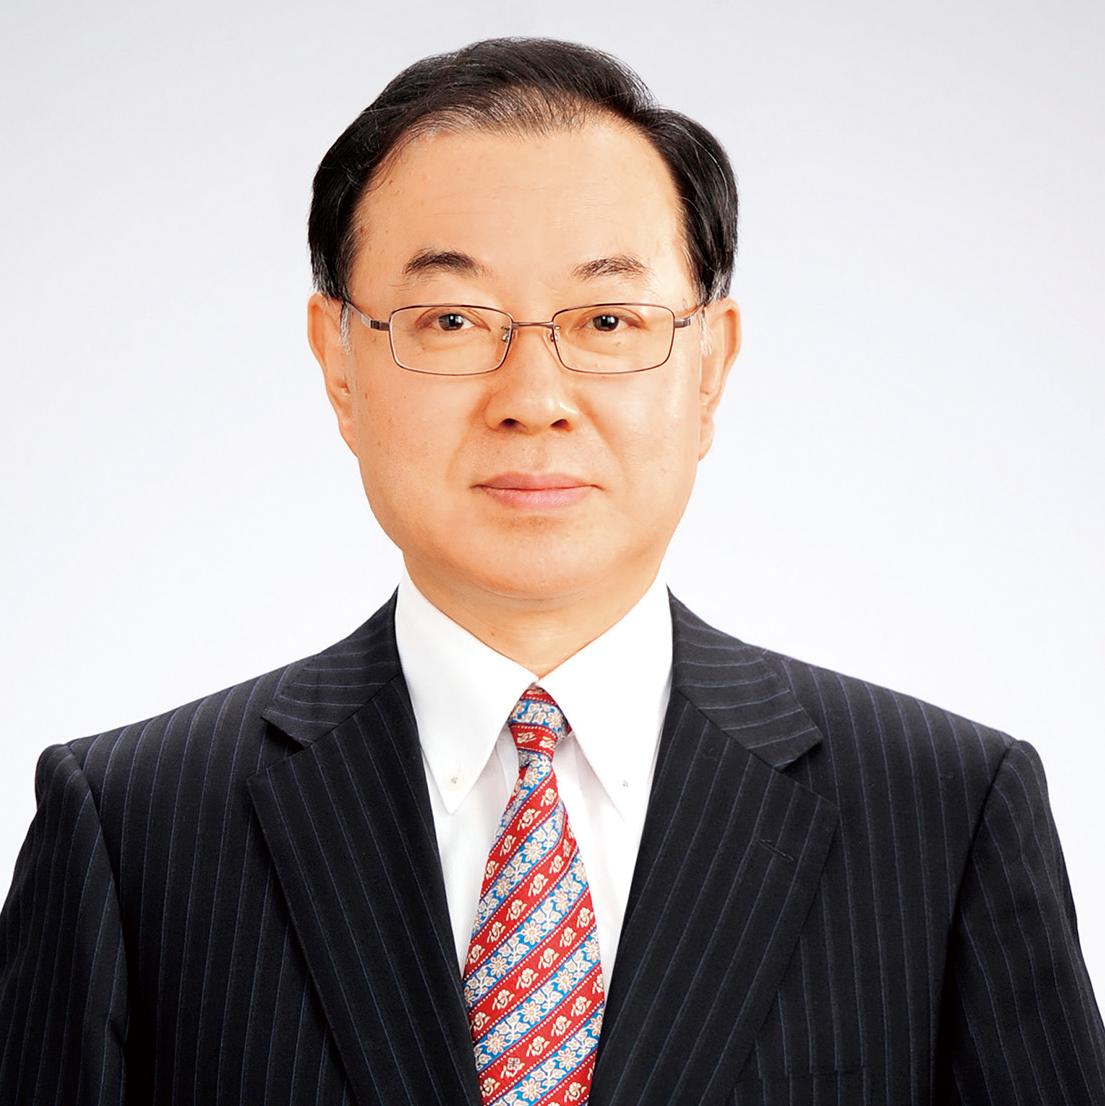 横浜市立大学医学部 循環器・腎臓・高血圧内科学教室 心血管腎臓病を制御し健康寿命の向上に貢献